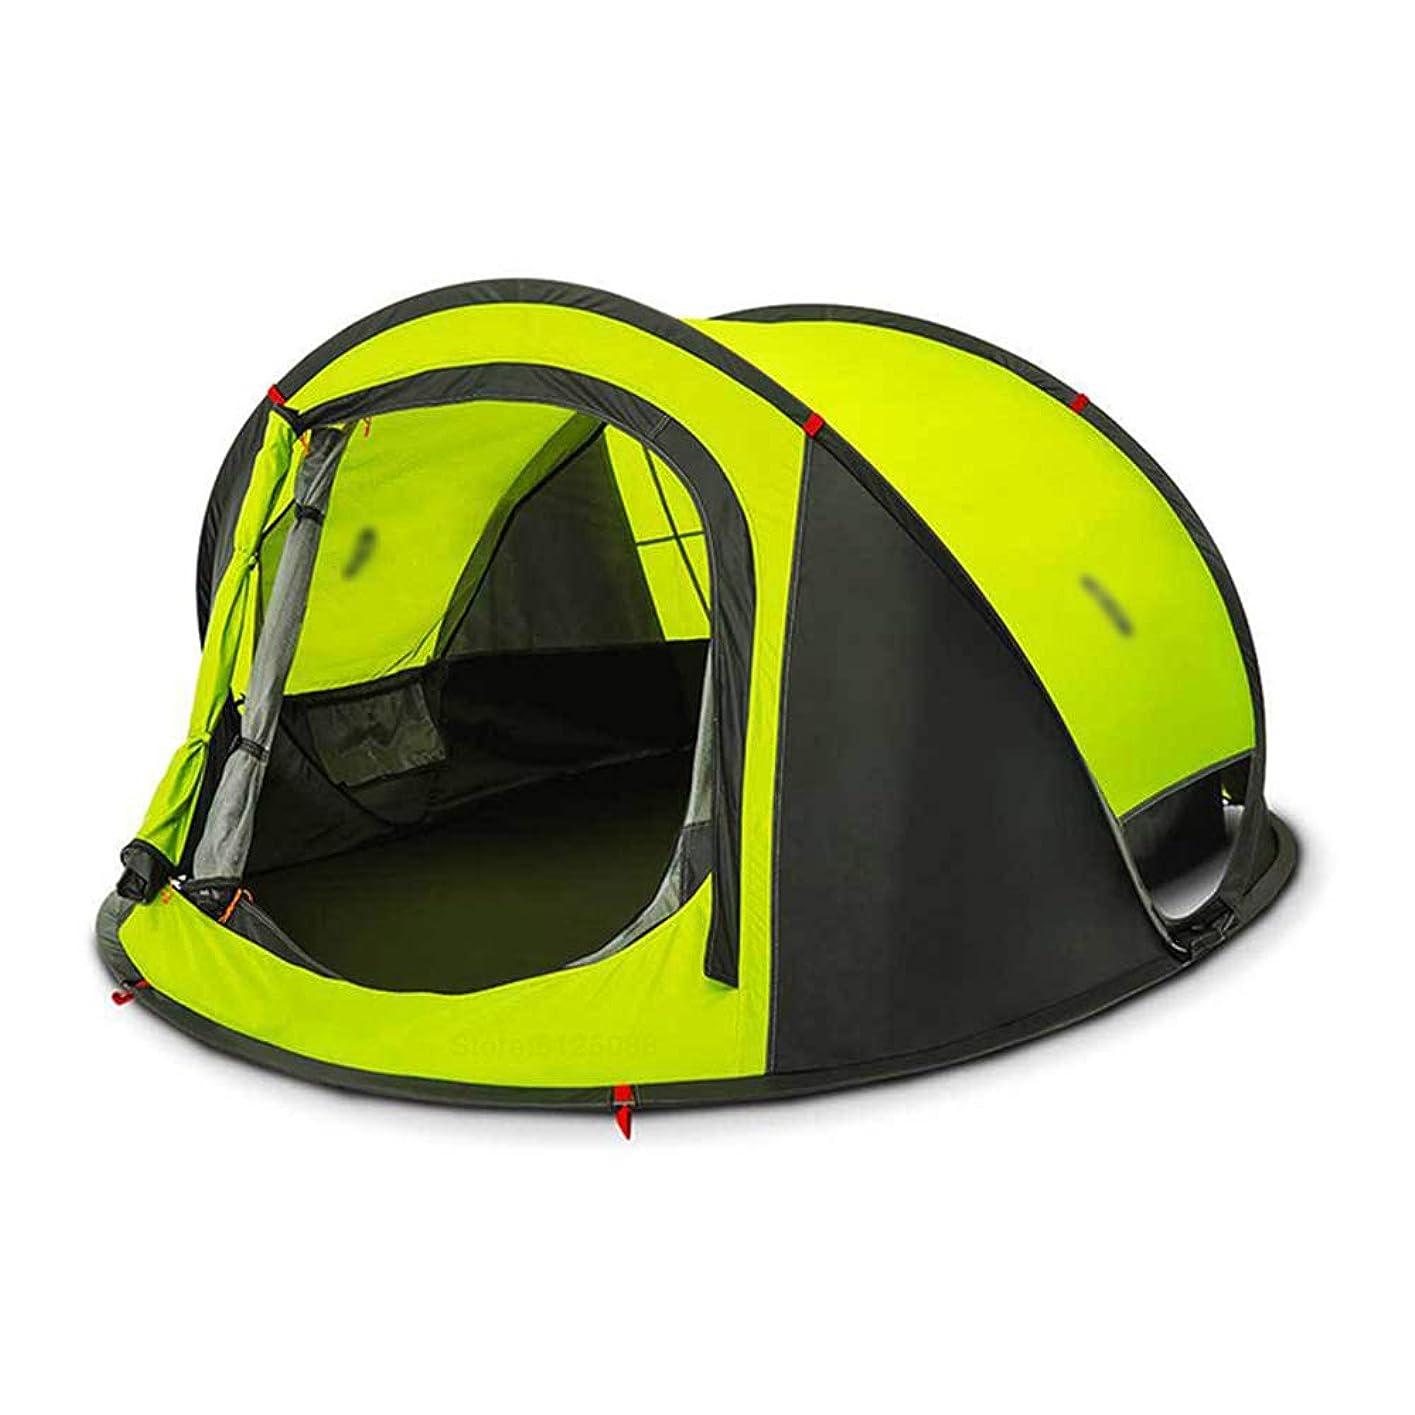 貯水池コック敏感な屋外のキャンプテント、10トンまでの自動ポップ、ビーチテント、防水透湿10トン、ハイキングのために3?4人軽量ポータブルバックパッキングテント